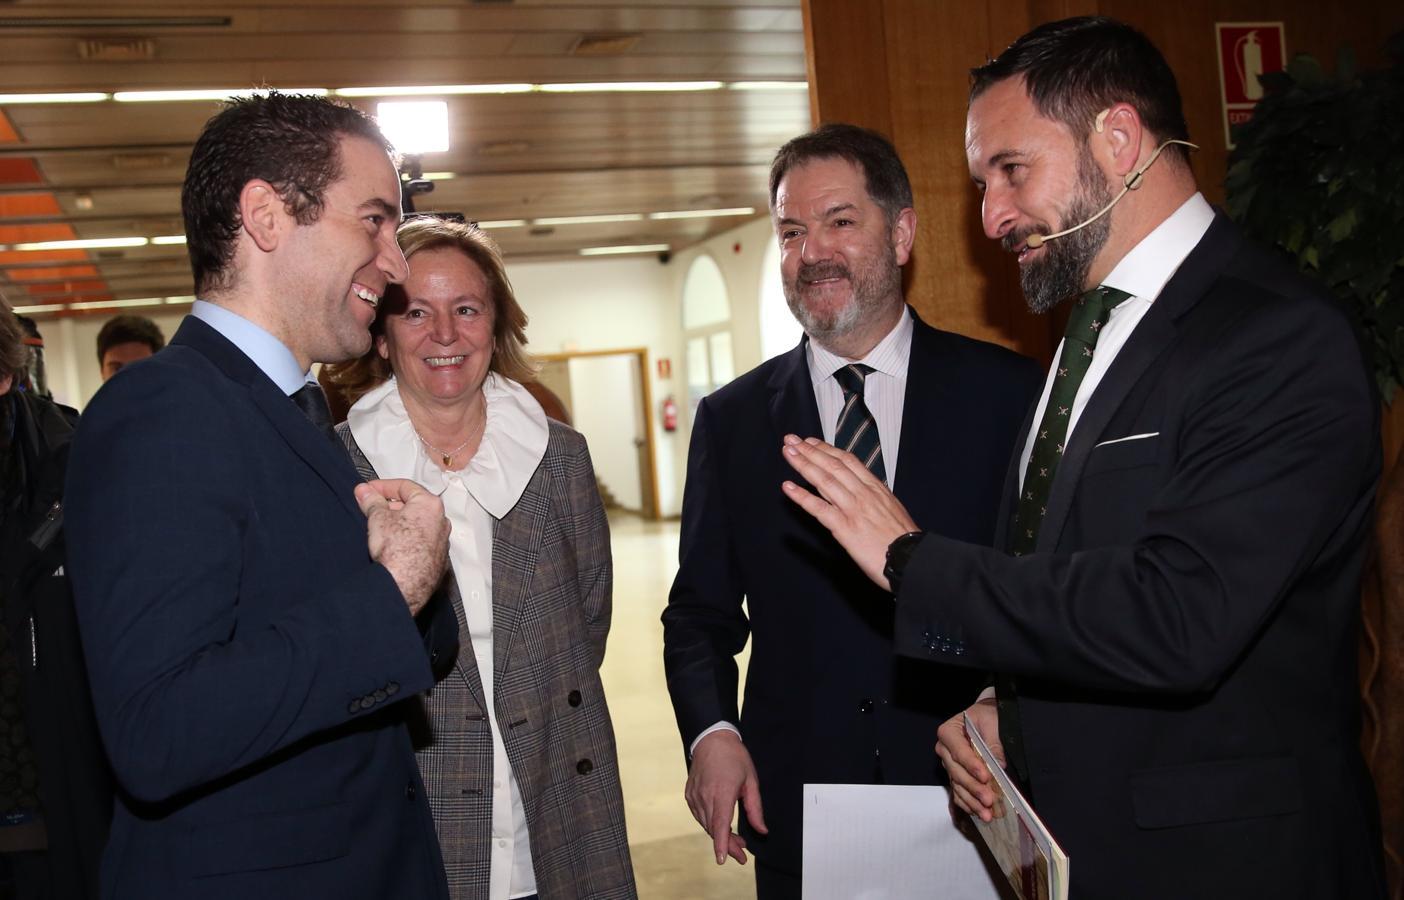 Teodoro García Egea (izq.) y Santiago Abascal (dcha.) conversan ante la presencia de la presidenta editora de ABC, Catalina Luca de Tena y el director de ABC, Bieito Rubido.